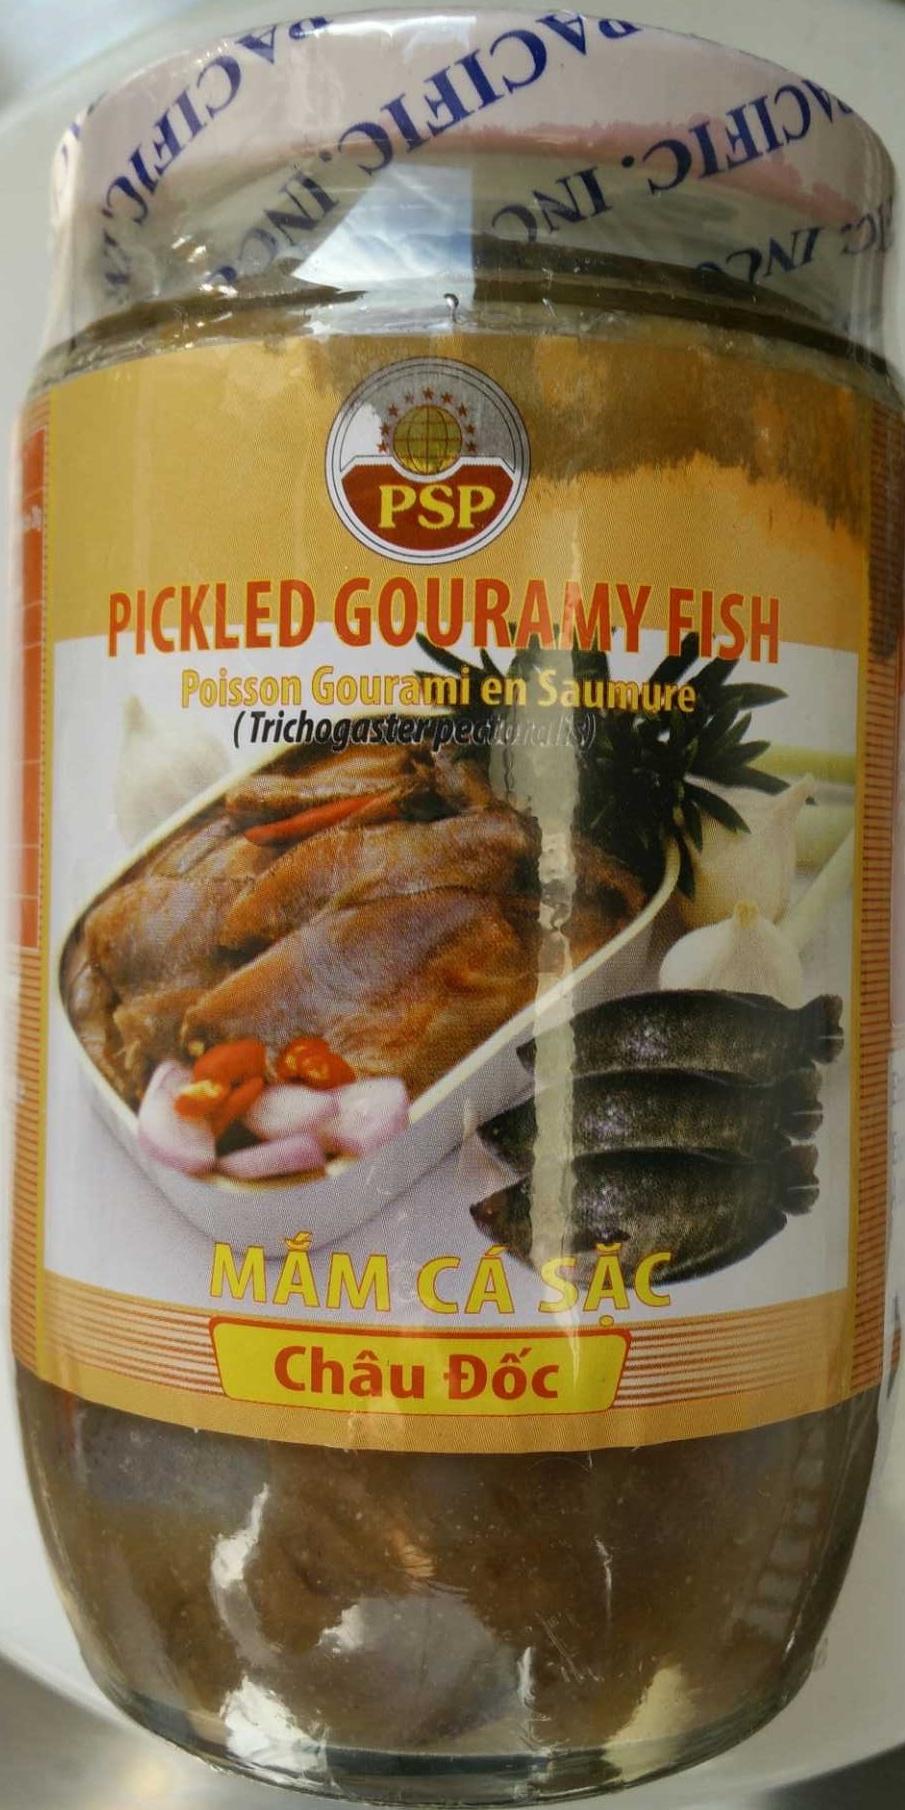 Poisson Gourami en saumure - Produit